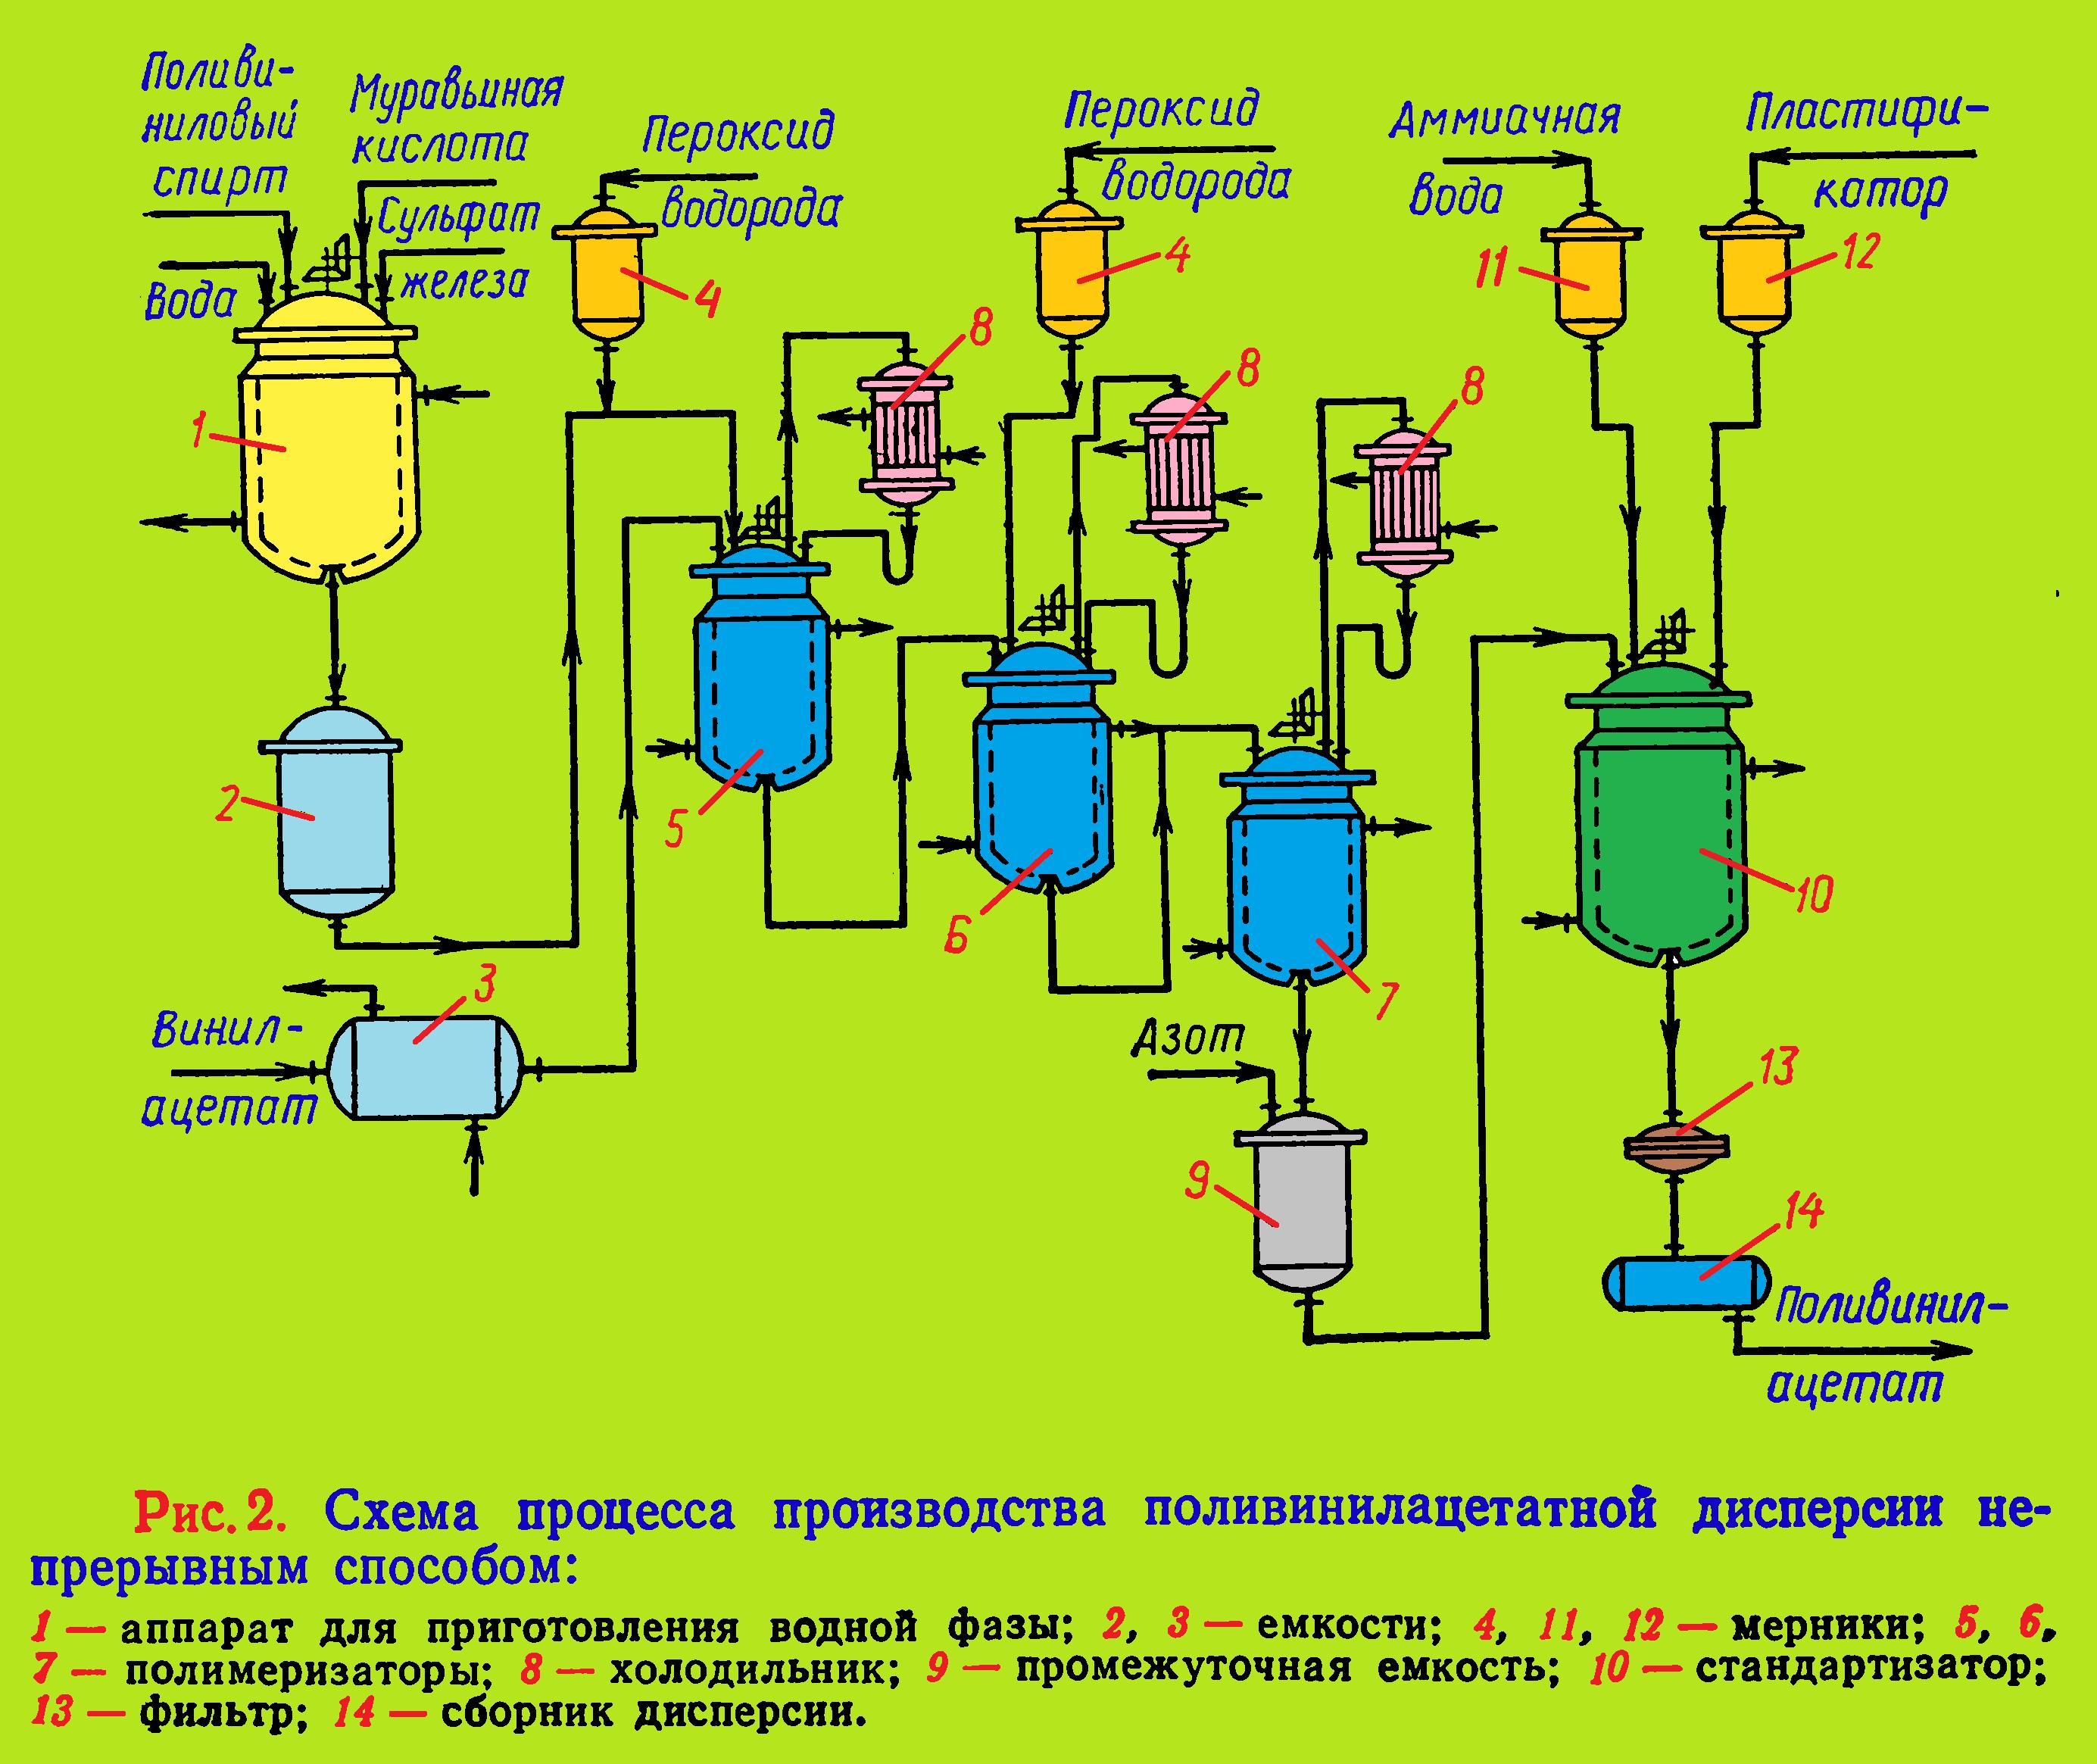 Схема процесса производства поливинилацетатной дисперсии непрерывным способом